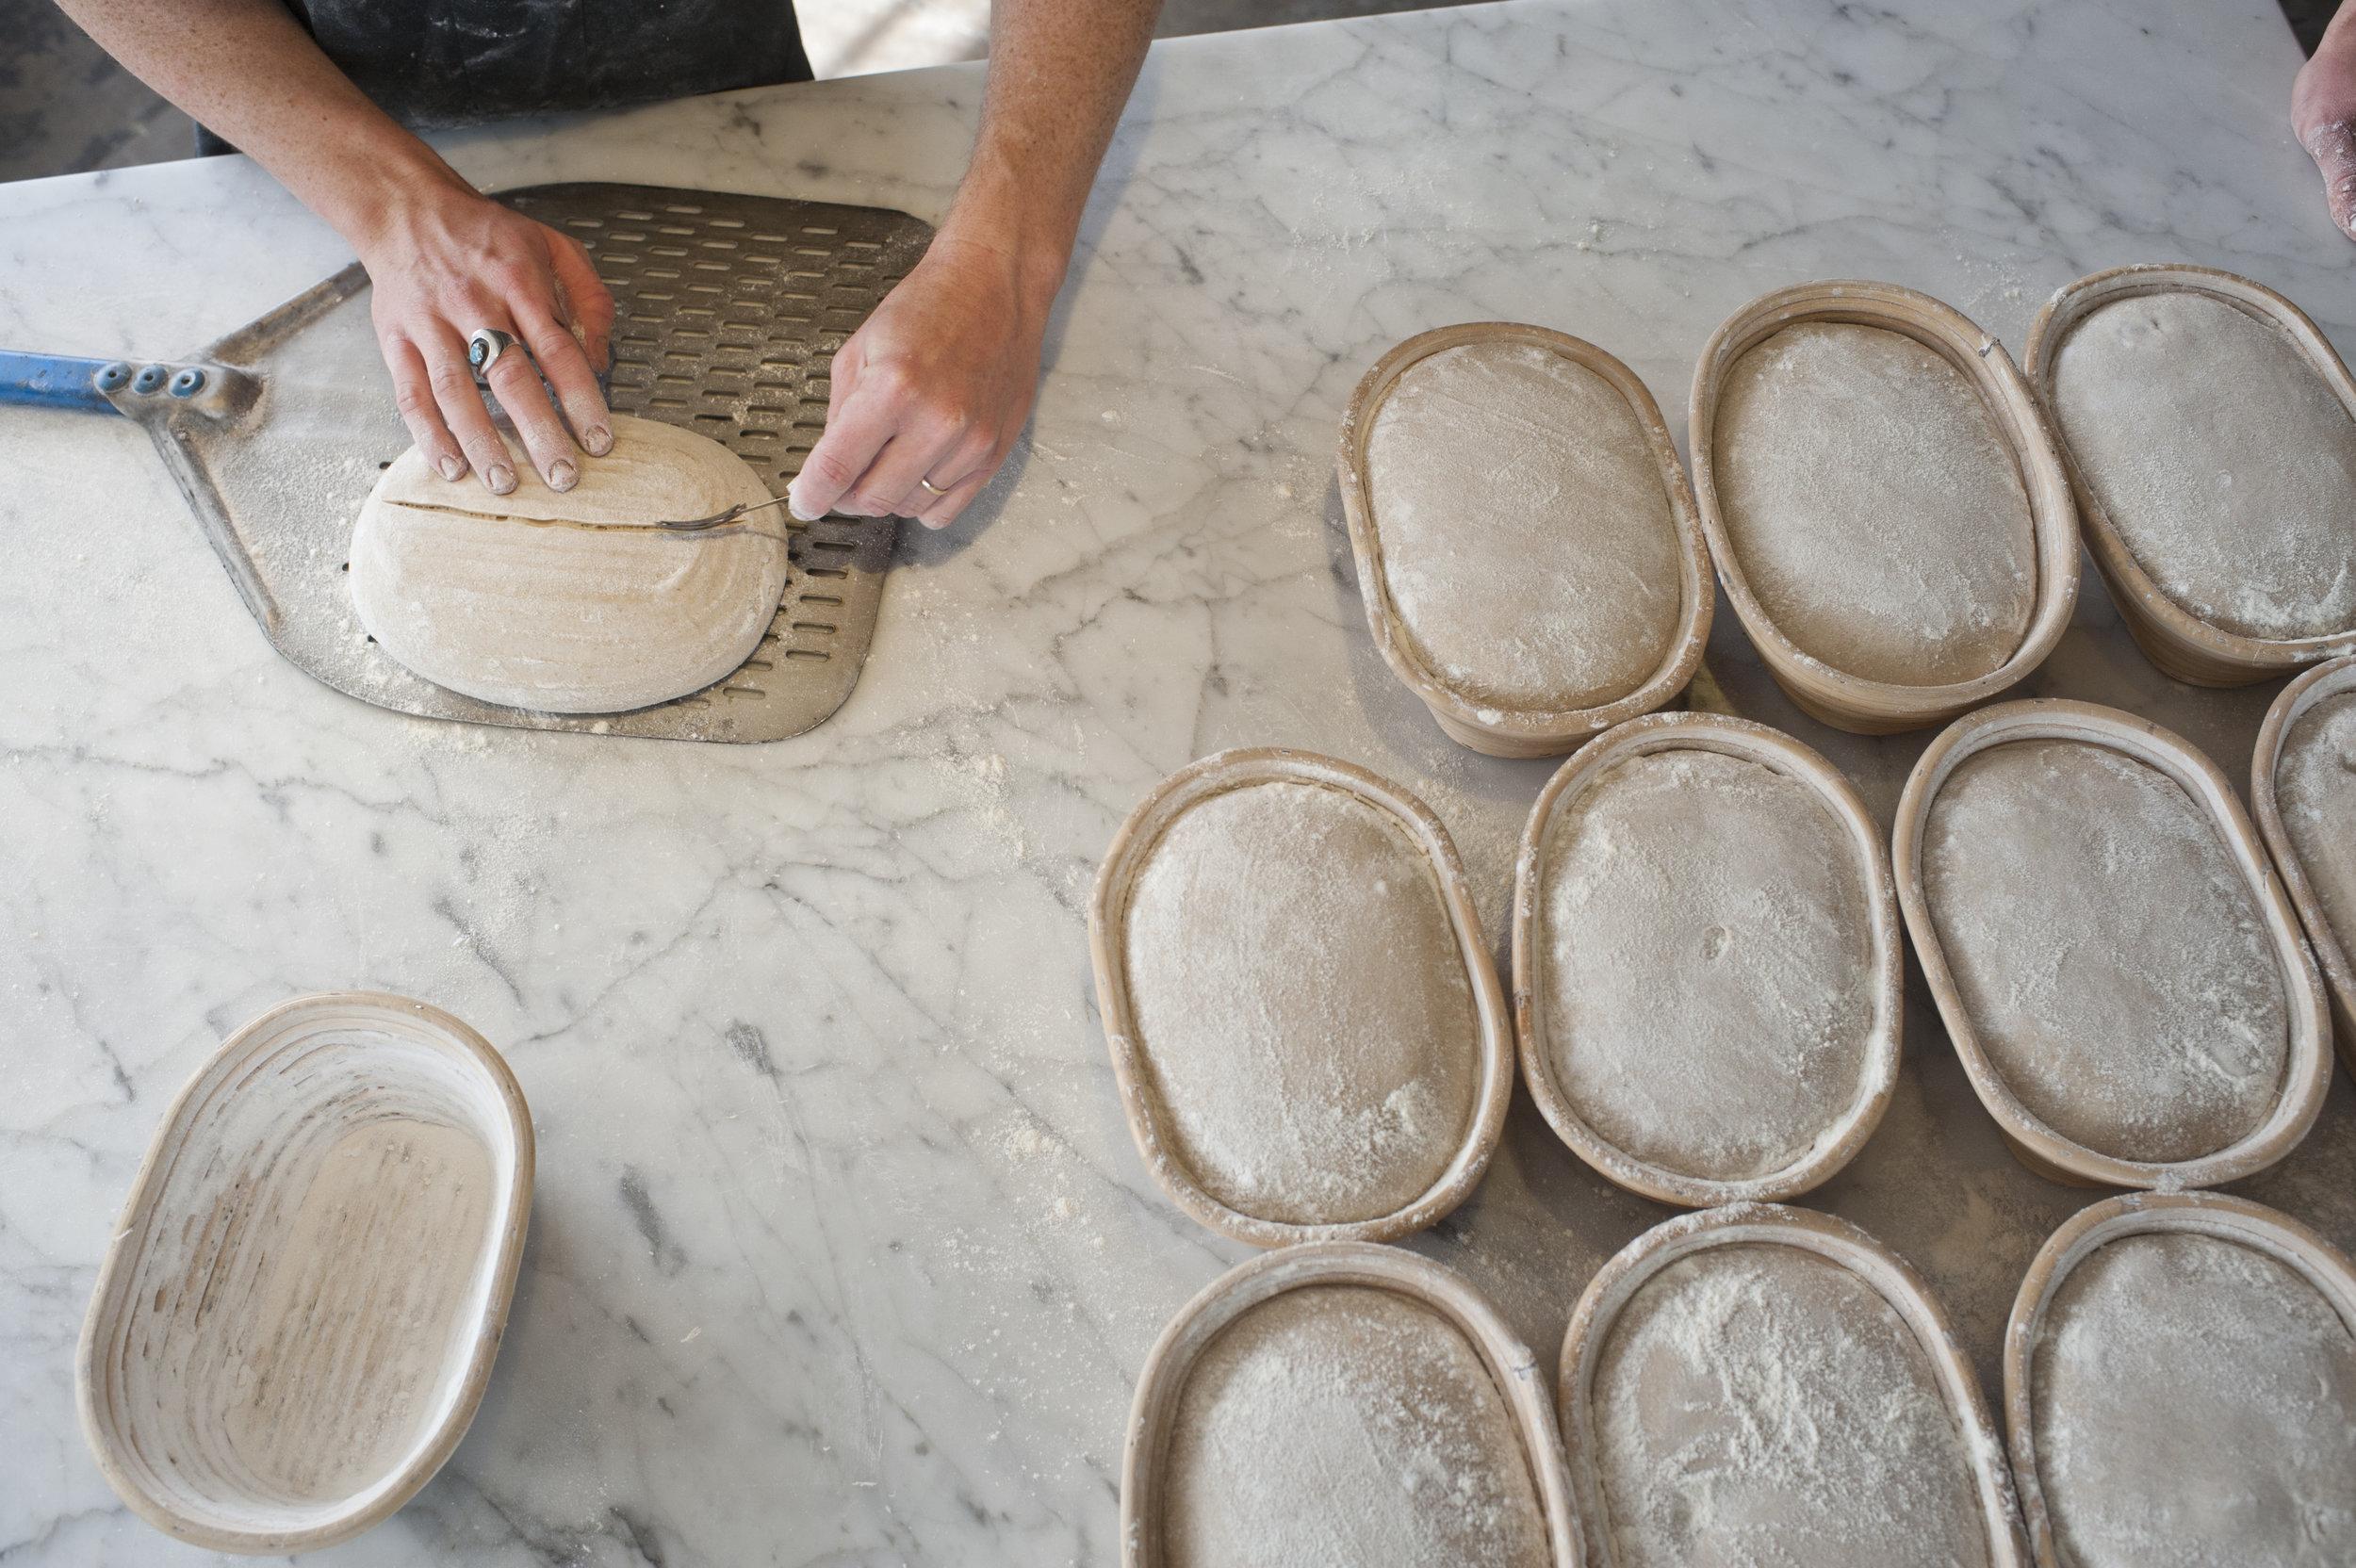 making bread.JPG